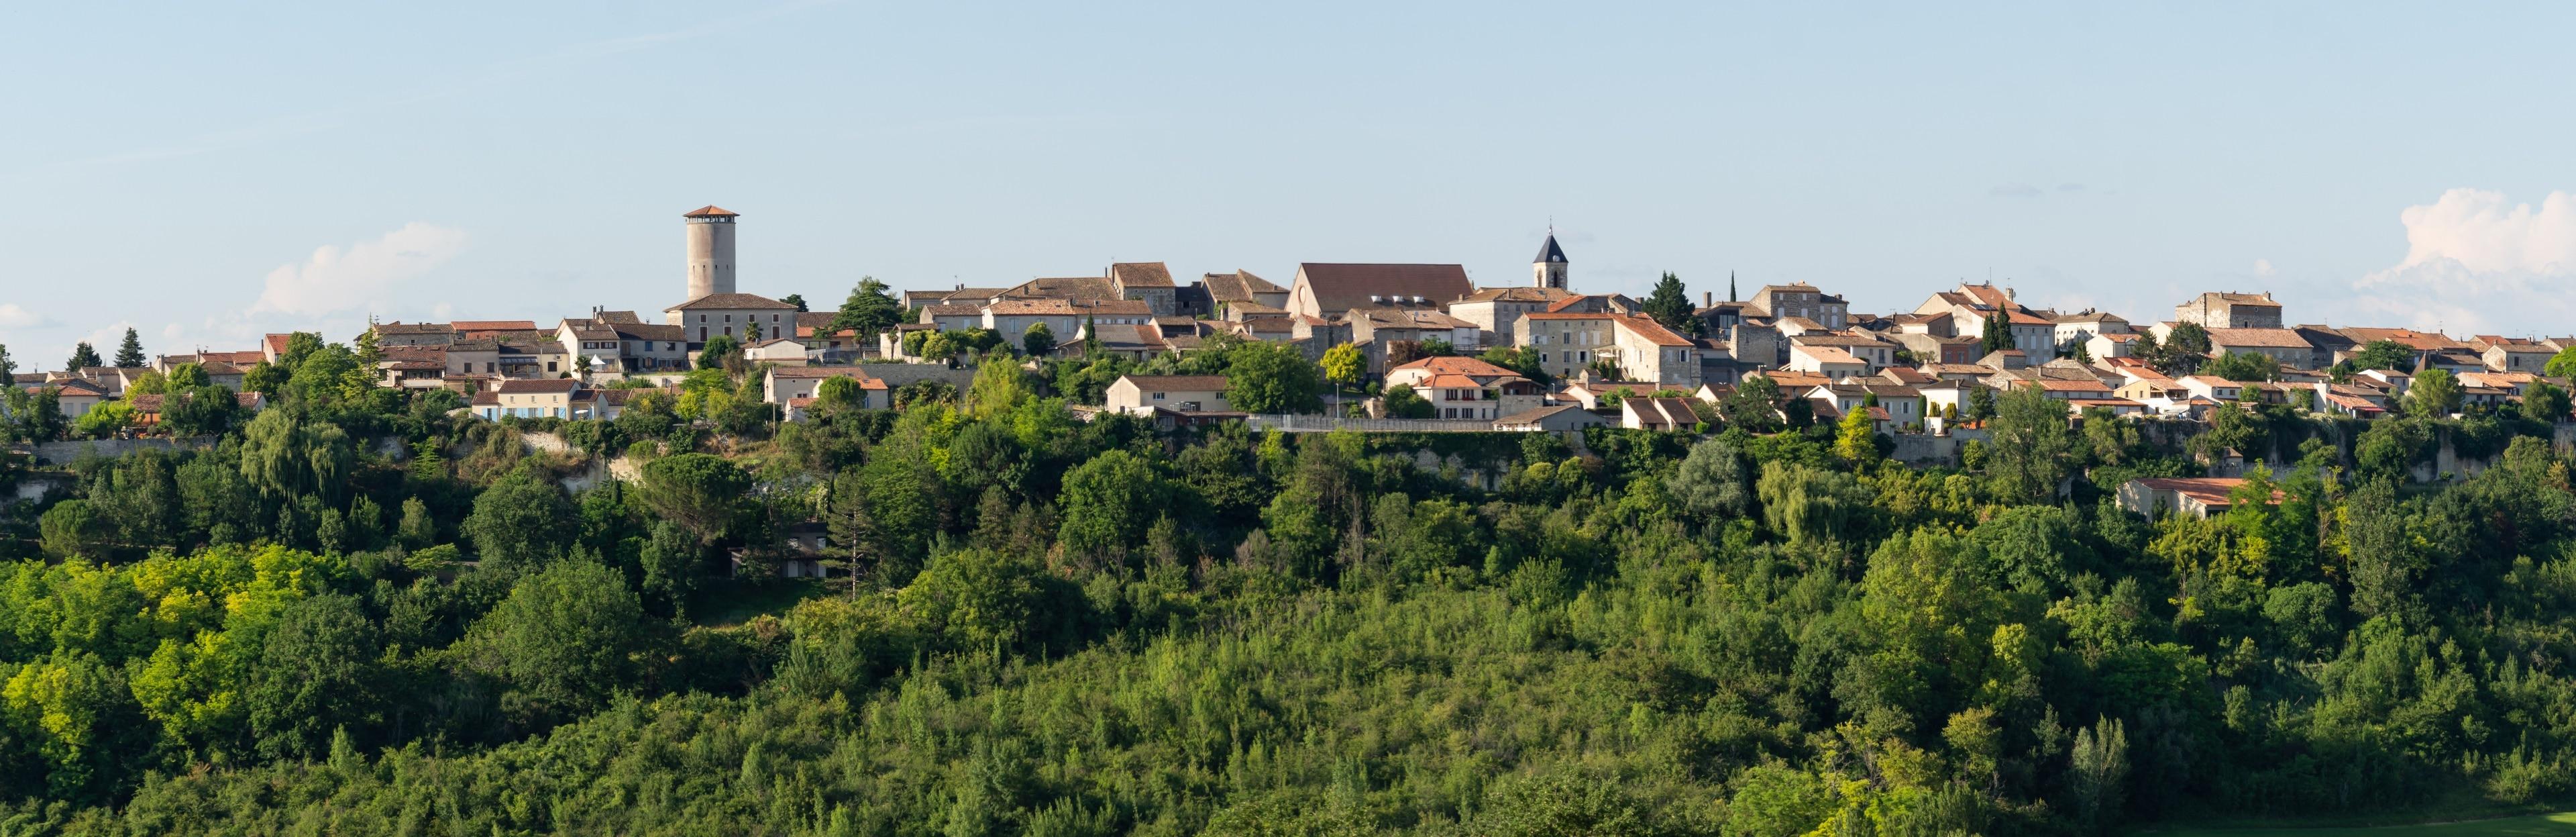 Lot y Garona, Francia